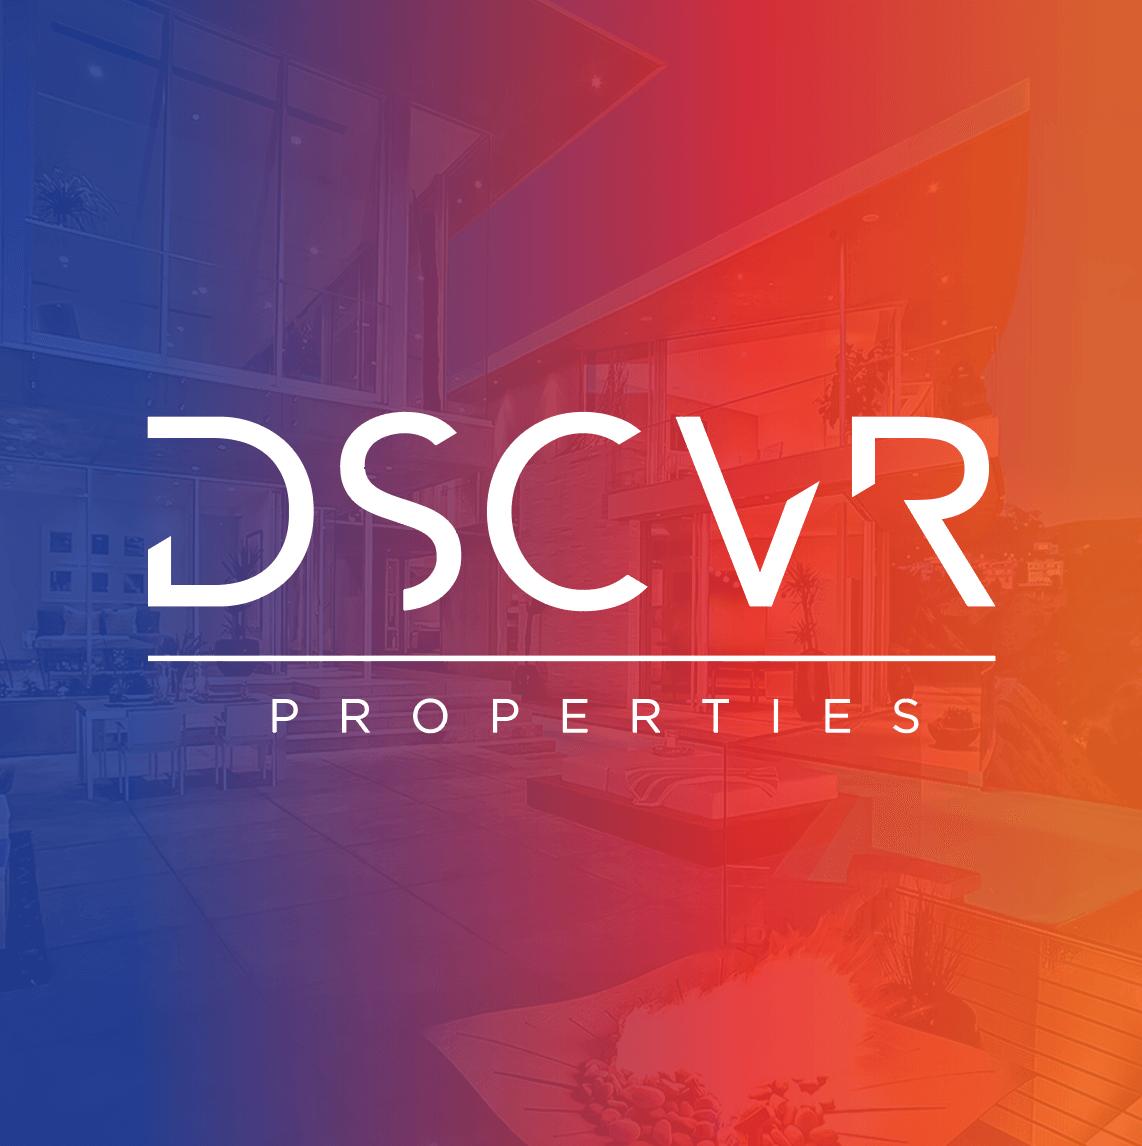 DSCVR PROPERTIES